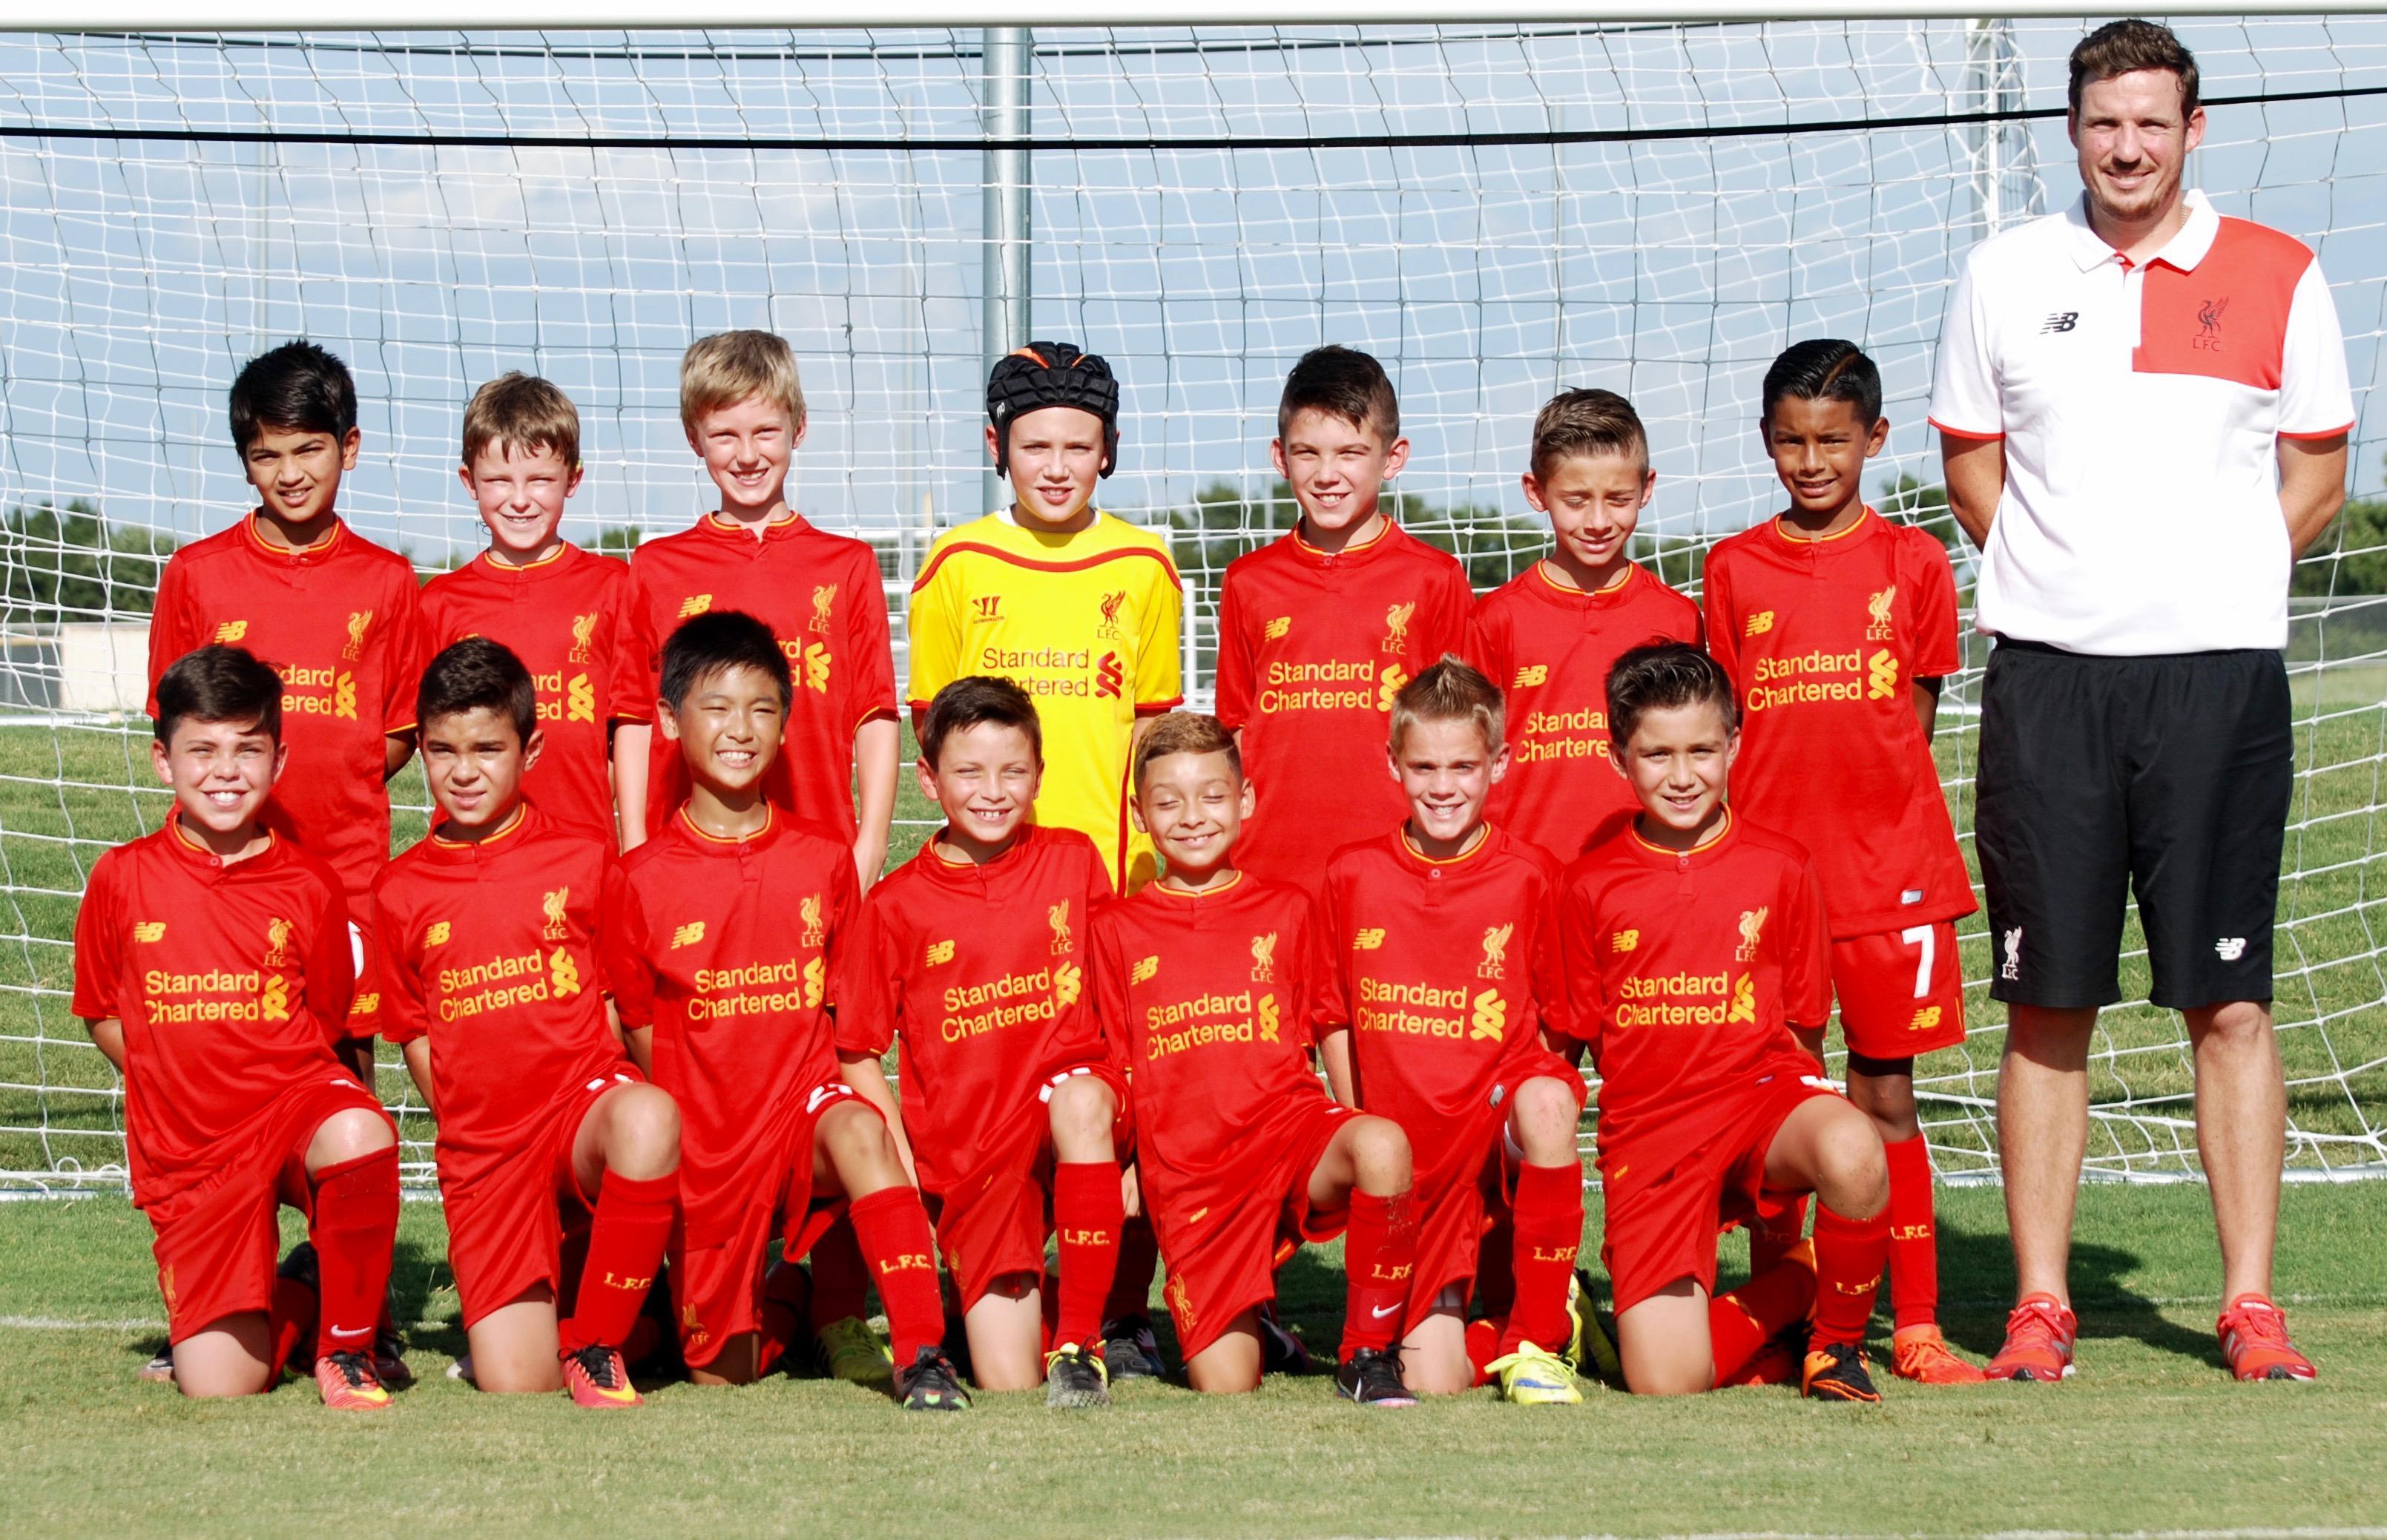 Liverpool 06 Boys Dalglish Mole